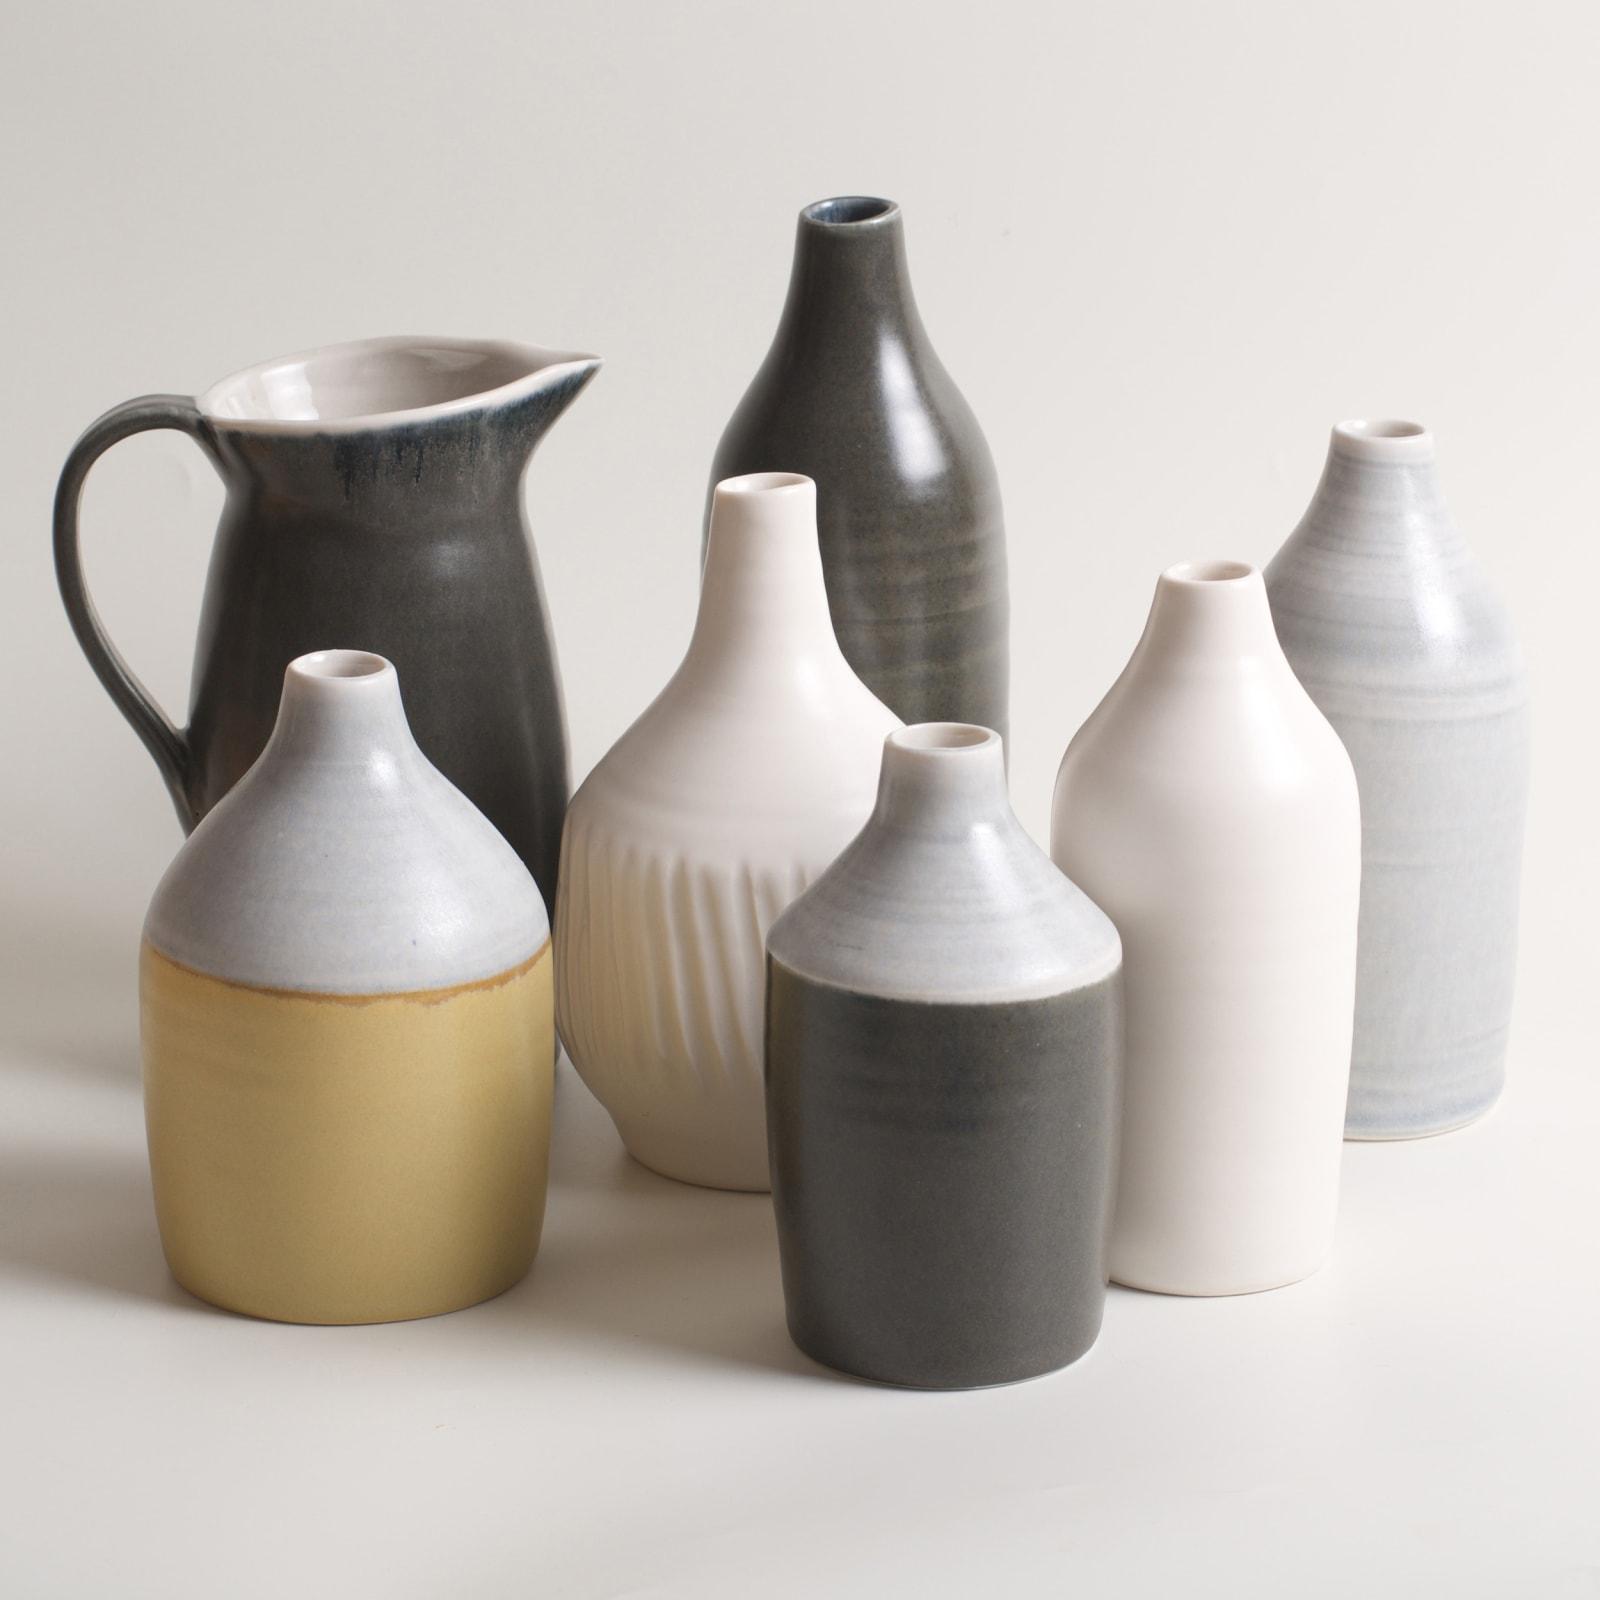 Linda Bloomfield, thrown porcelain vessels